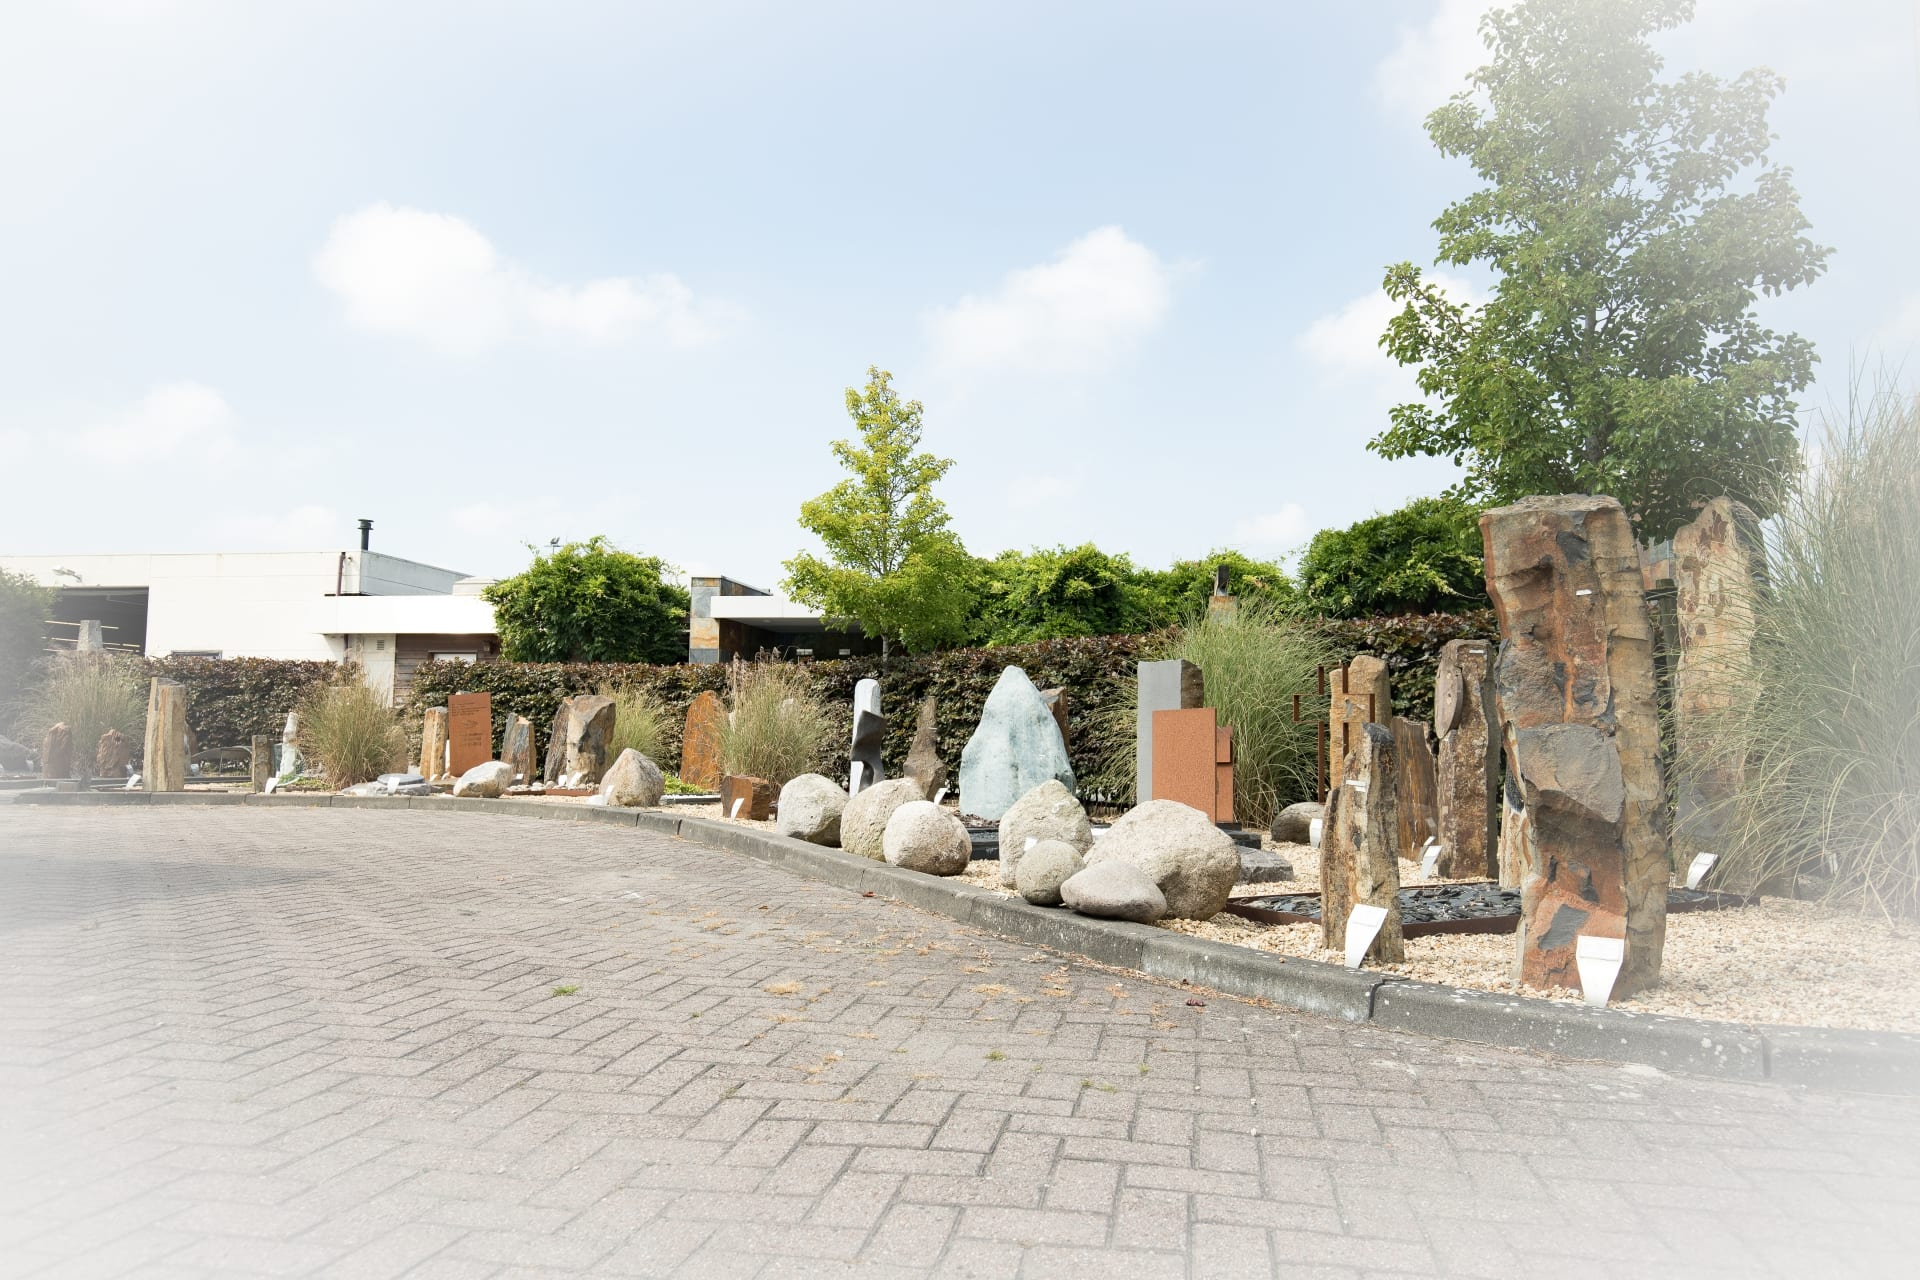 De diversiteit aan budgetmonumenten bij Hutting Natuursteen in de monumententuin